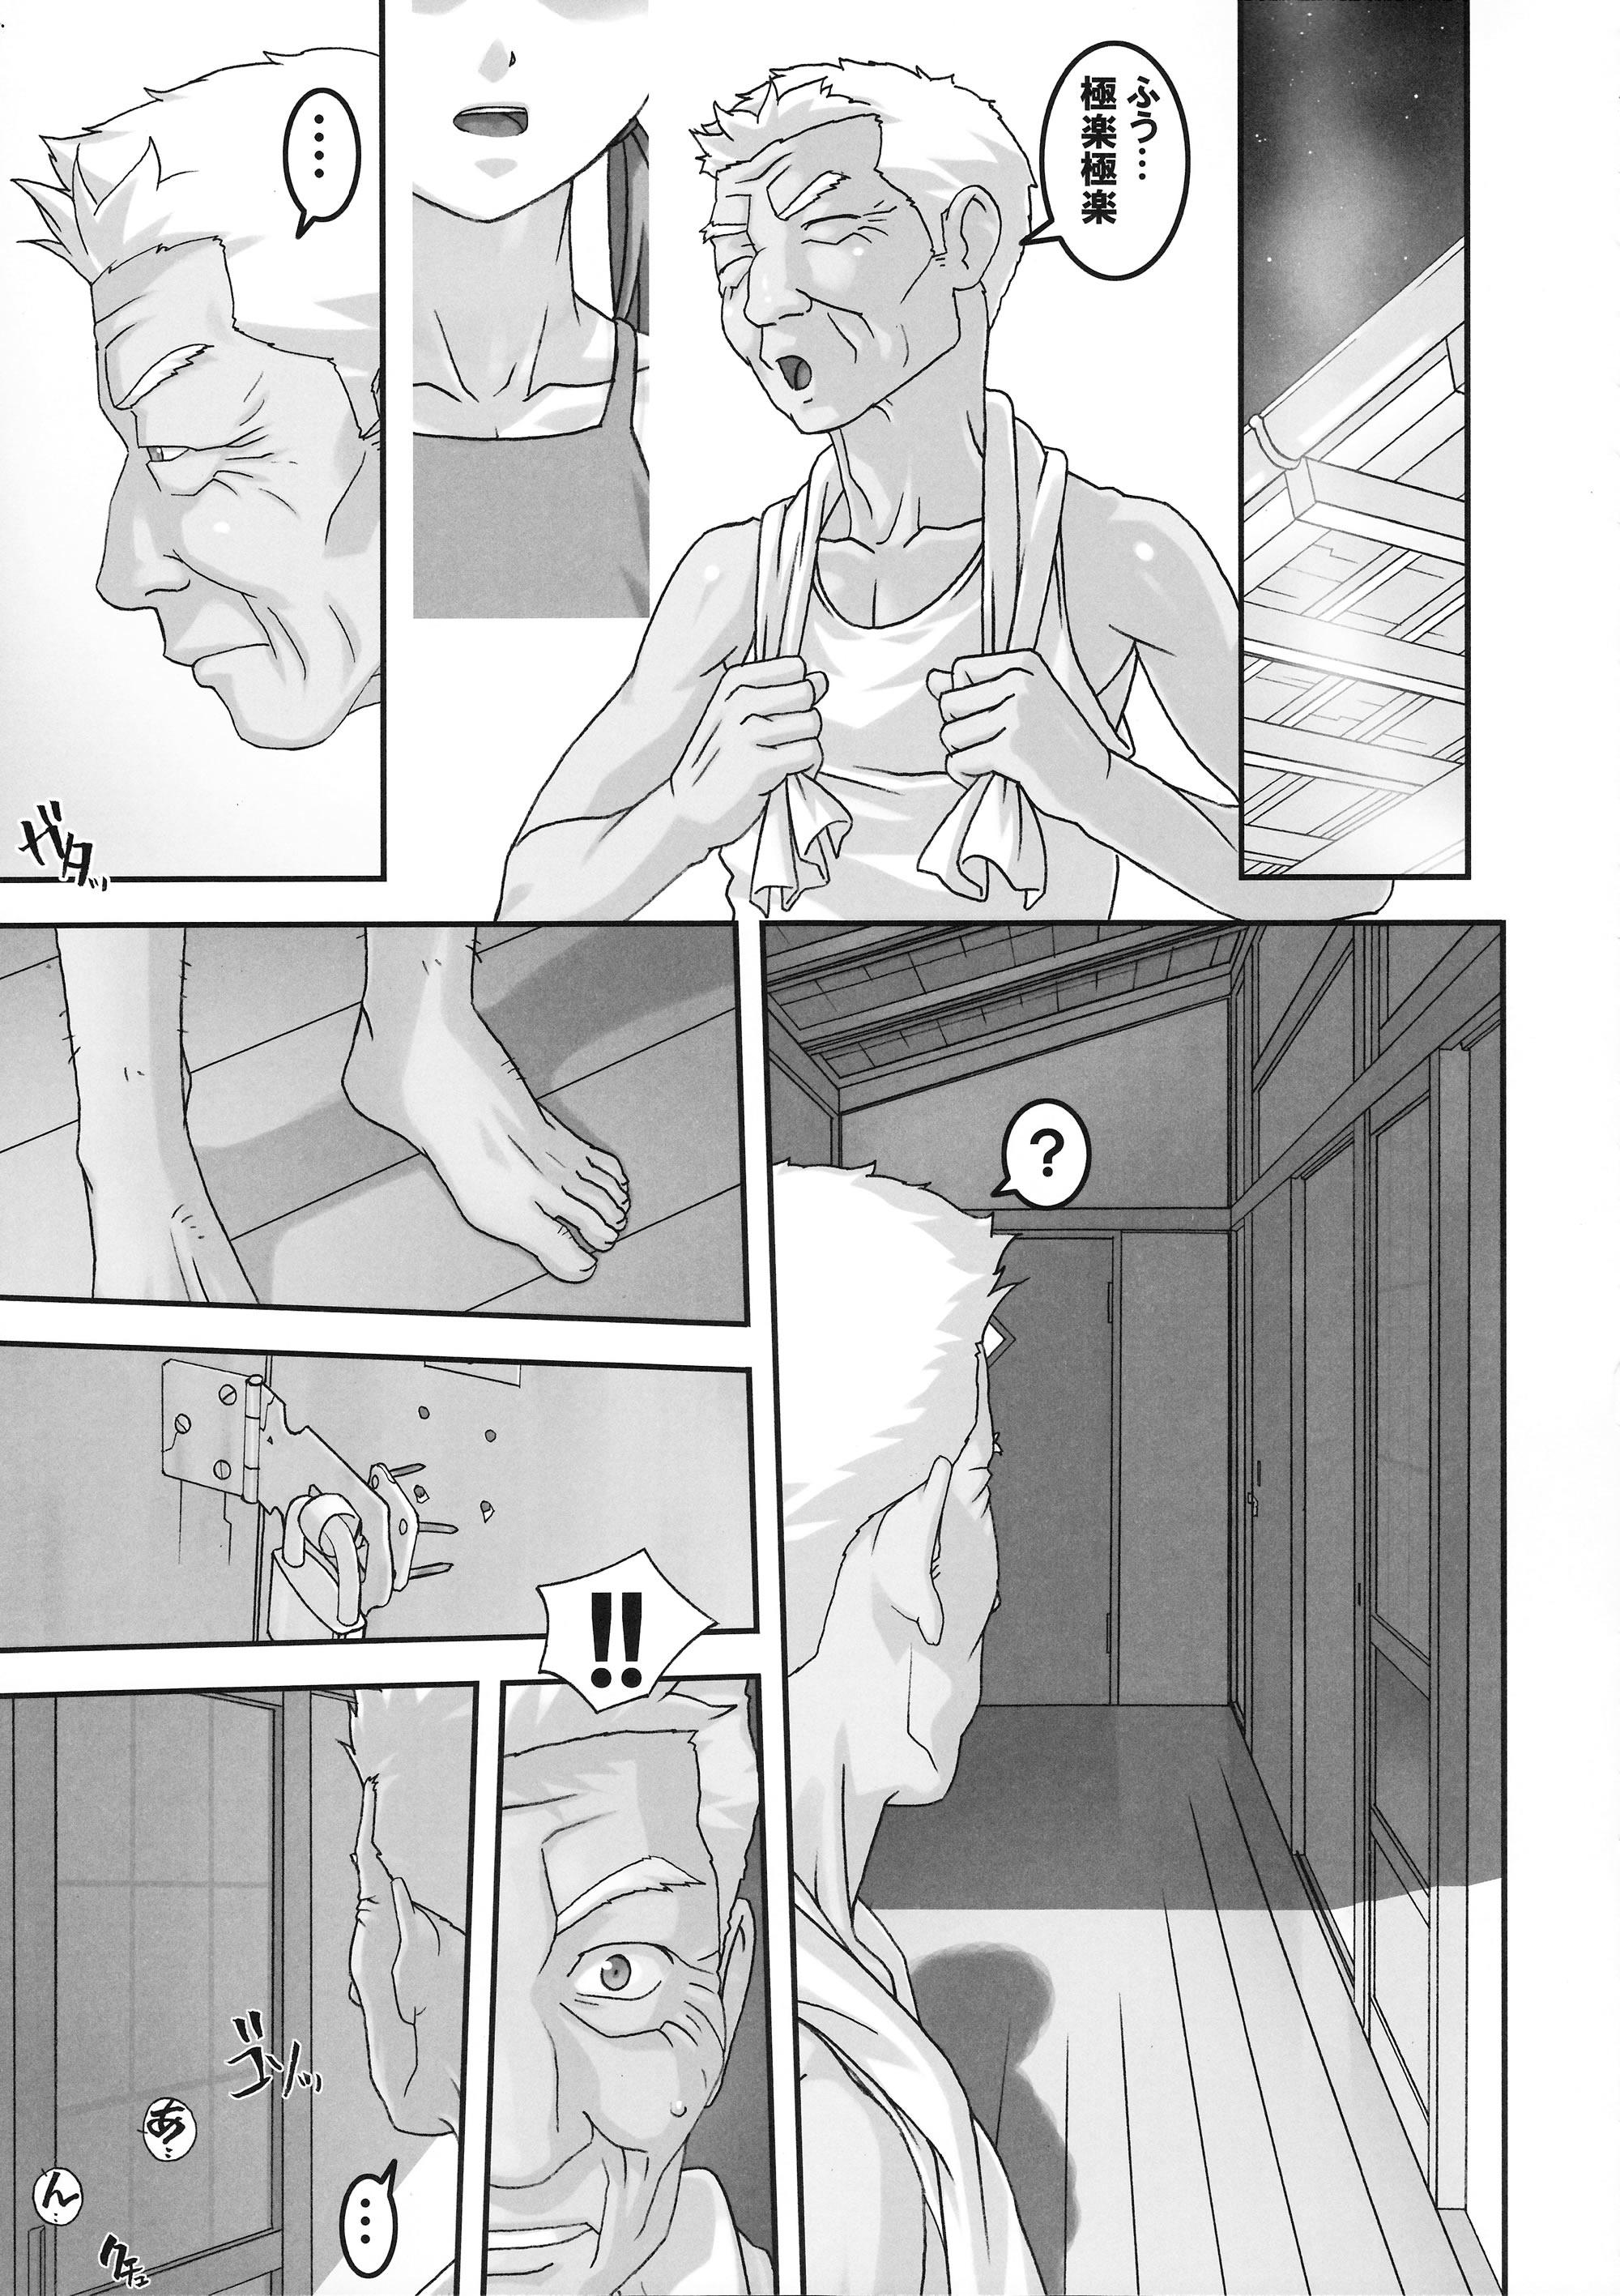 【エロ漫画】自分で自分を縛ってオナニーするドM幼女www祖父とSMプレイでセックスまでしちゃうww【無料 エロ同人誌】 (12)